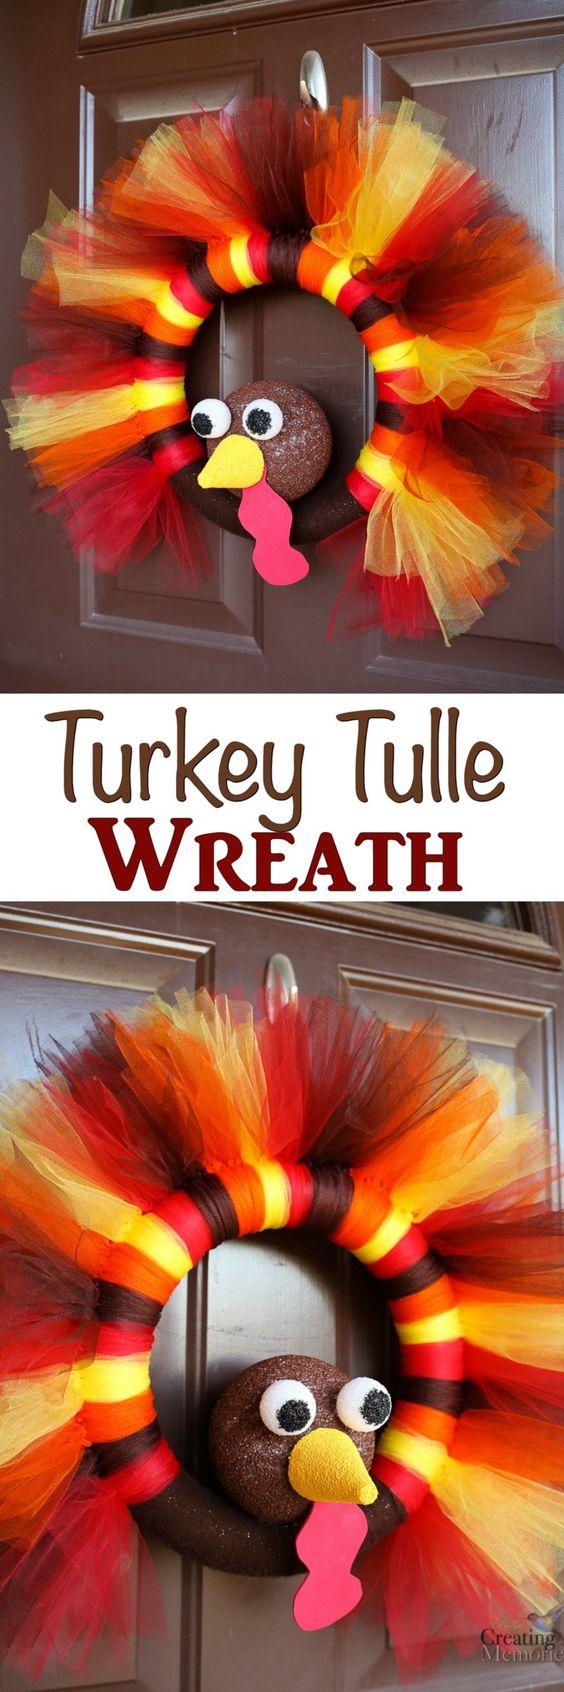 DIY Turkey Tulle Wreath.